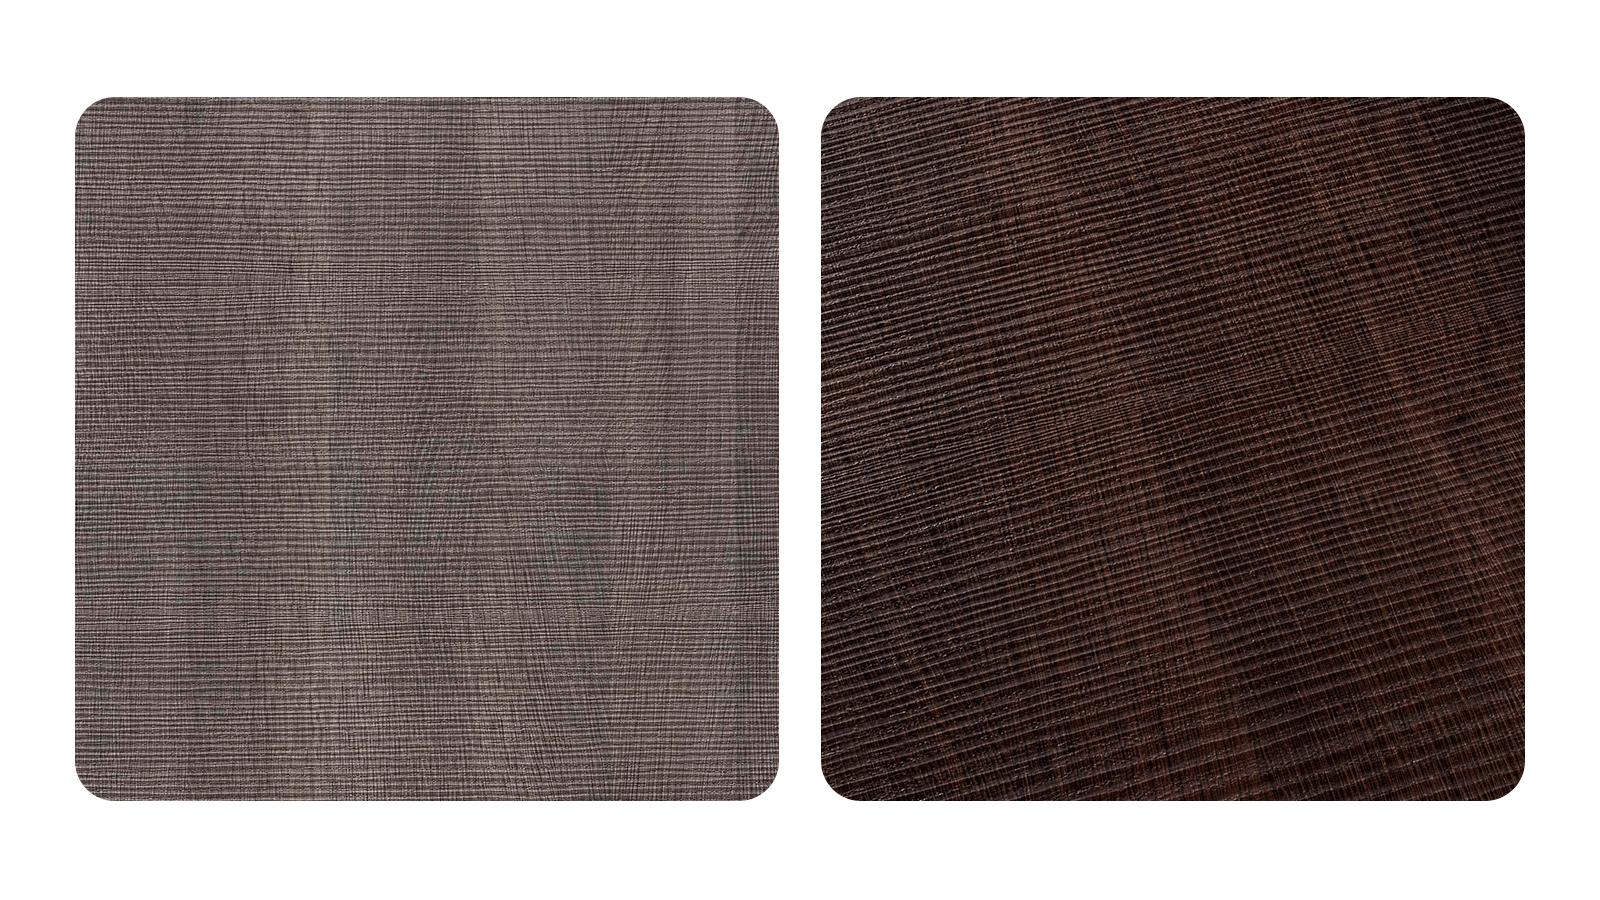 Laminado texturizado para puertas de madera prefabricada